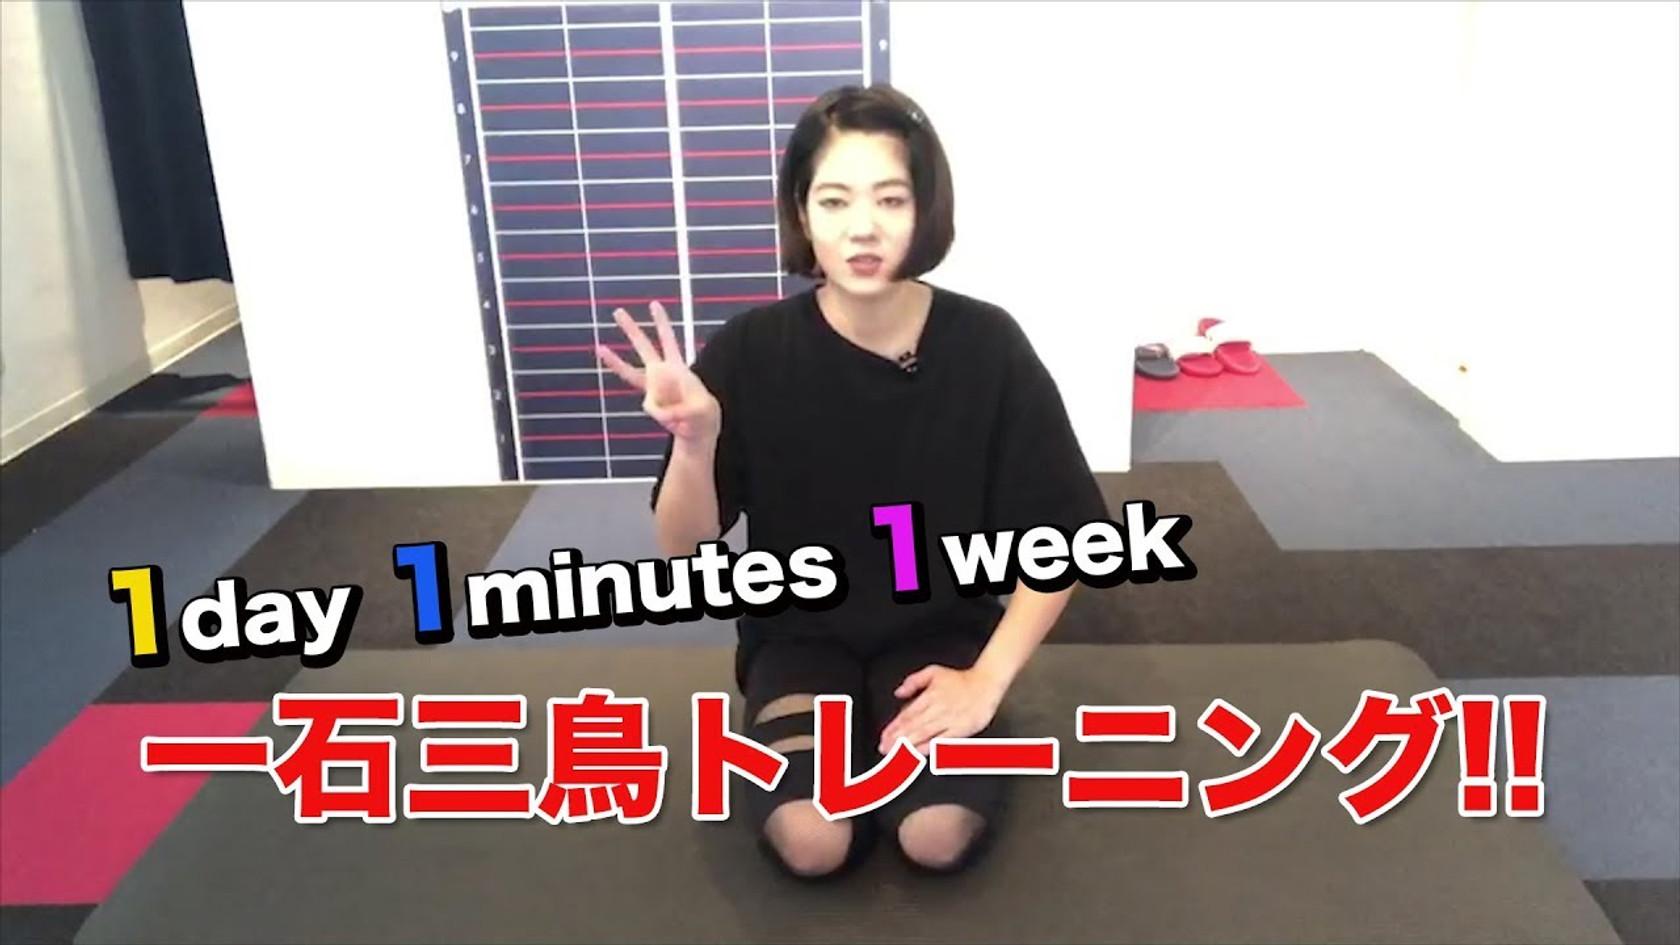 【骨格美容矯正サロンTHE ANSWER】1Day 1Minutes 1Week Vol.16 一石三鳥トレーニング